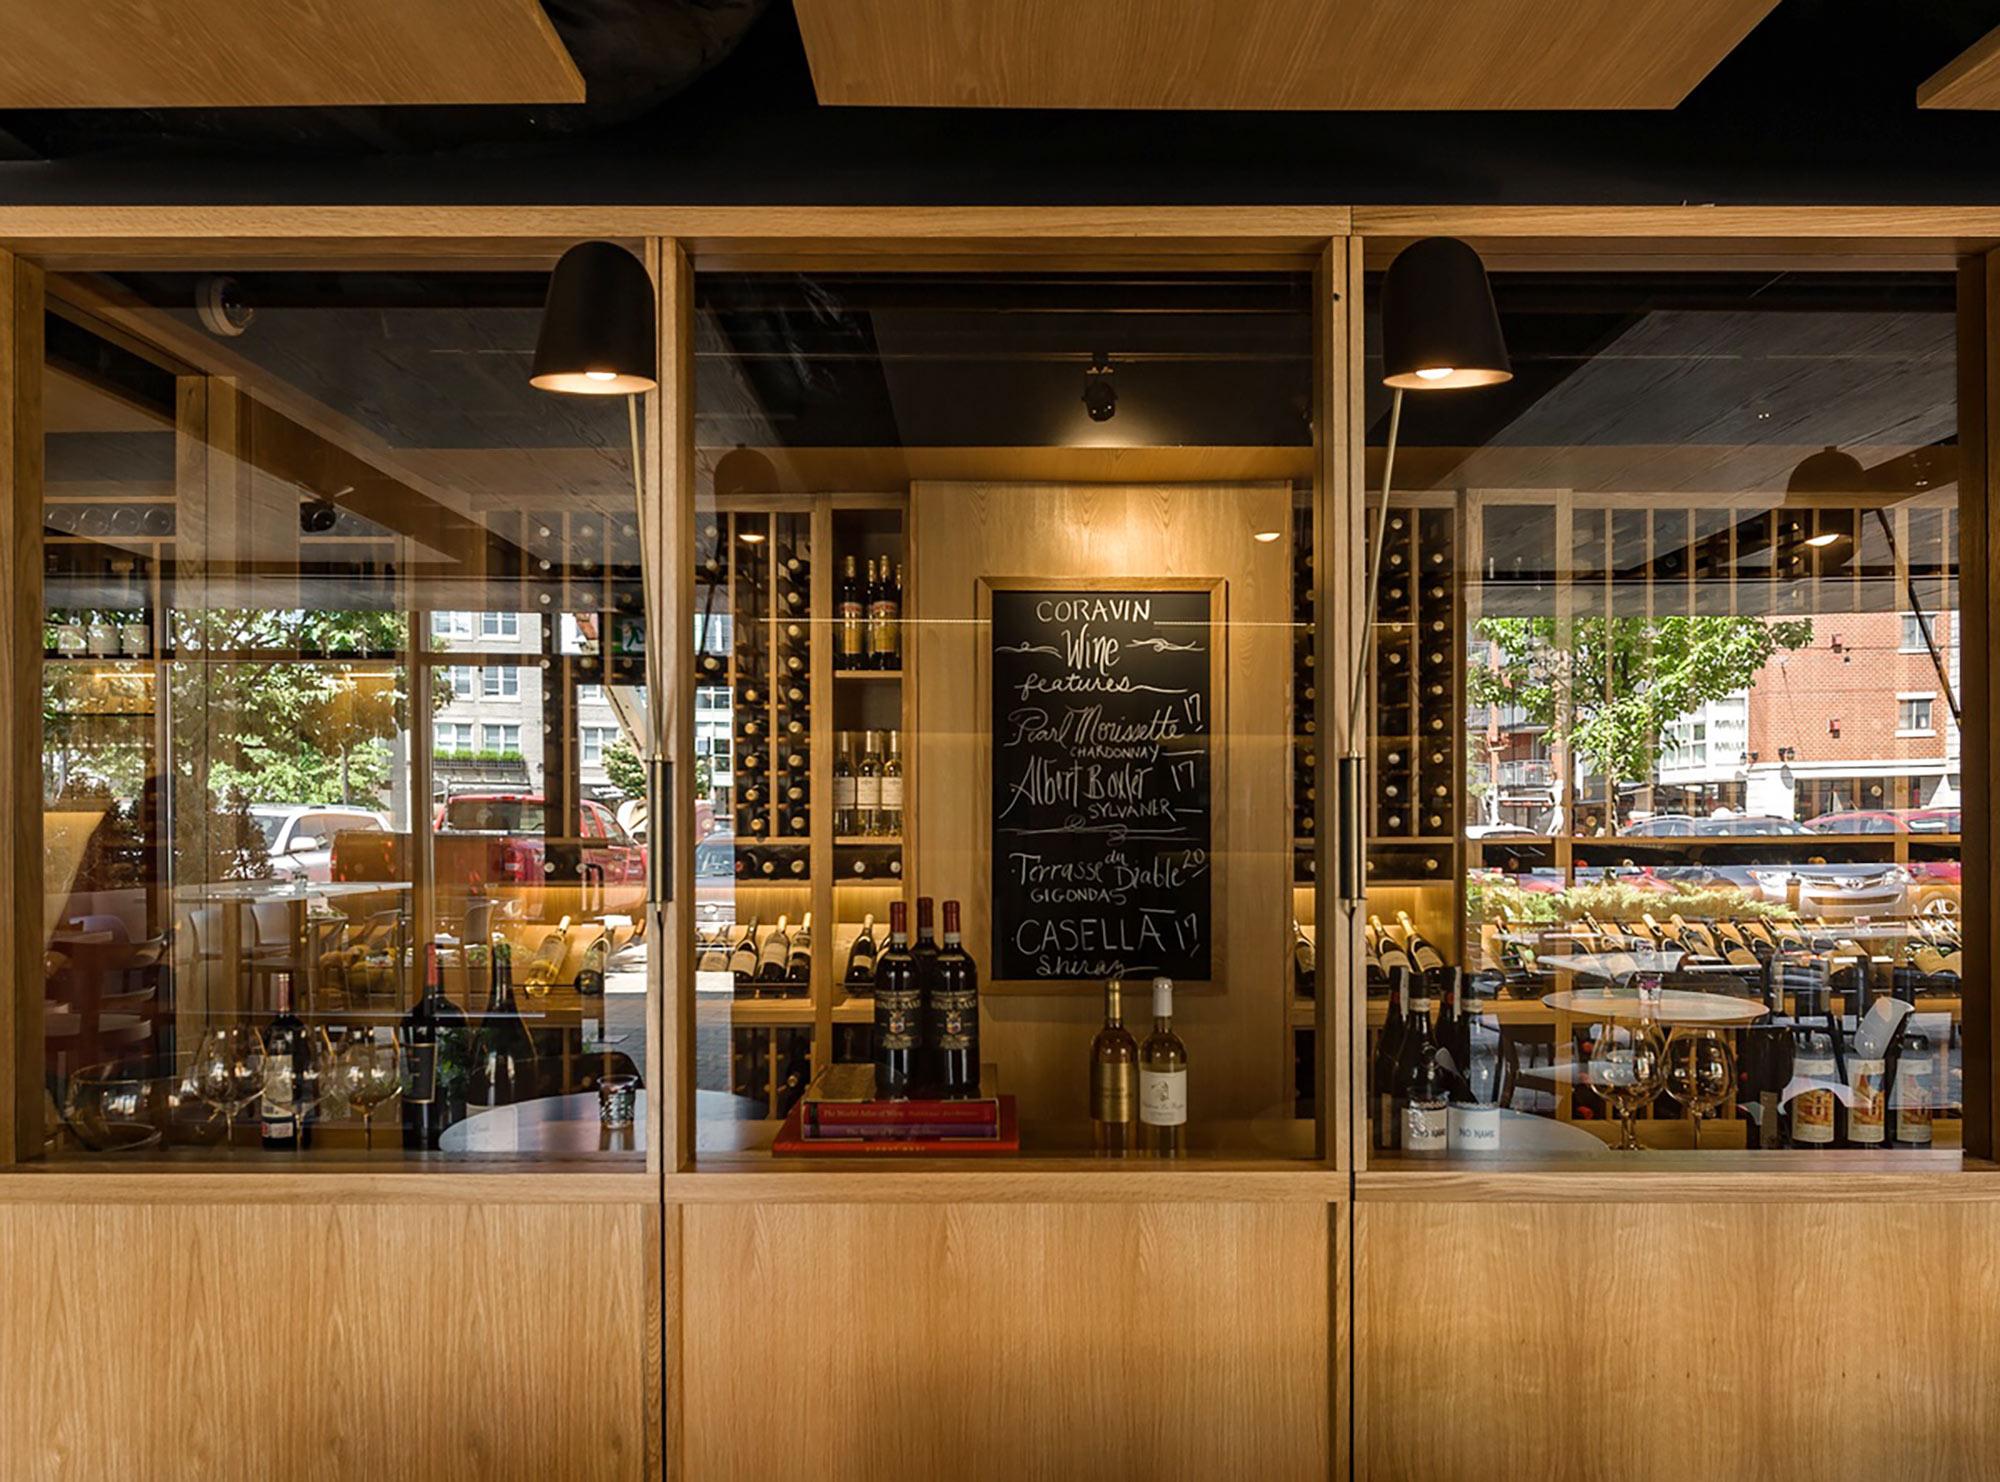 interior-design-halifax-restaurant-window-display.jpg